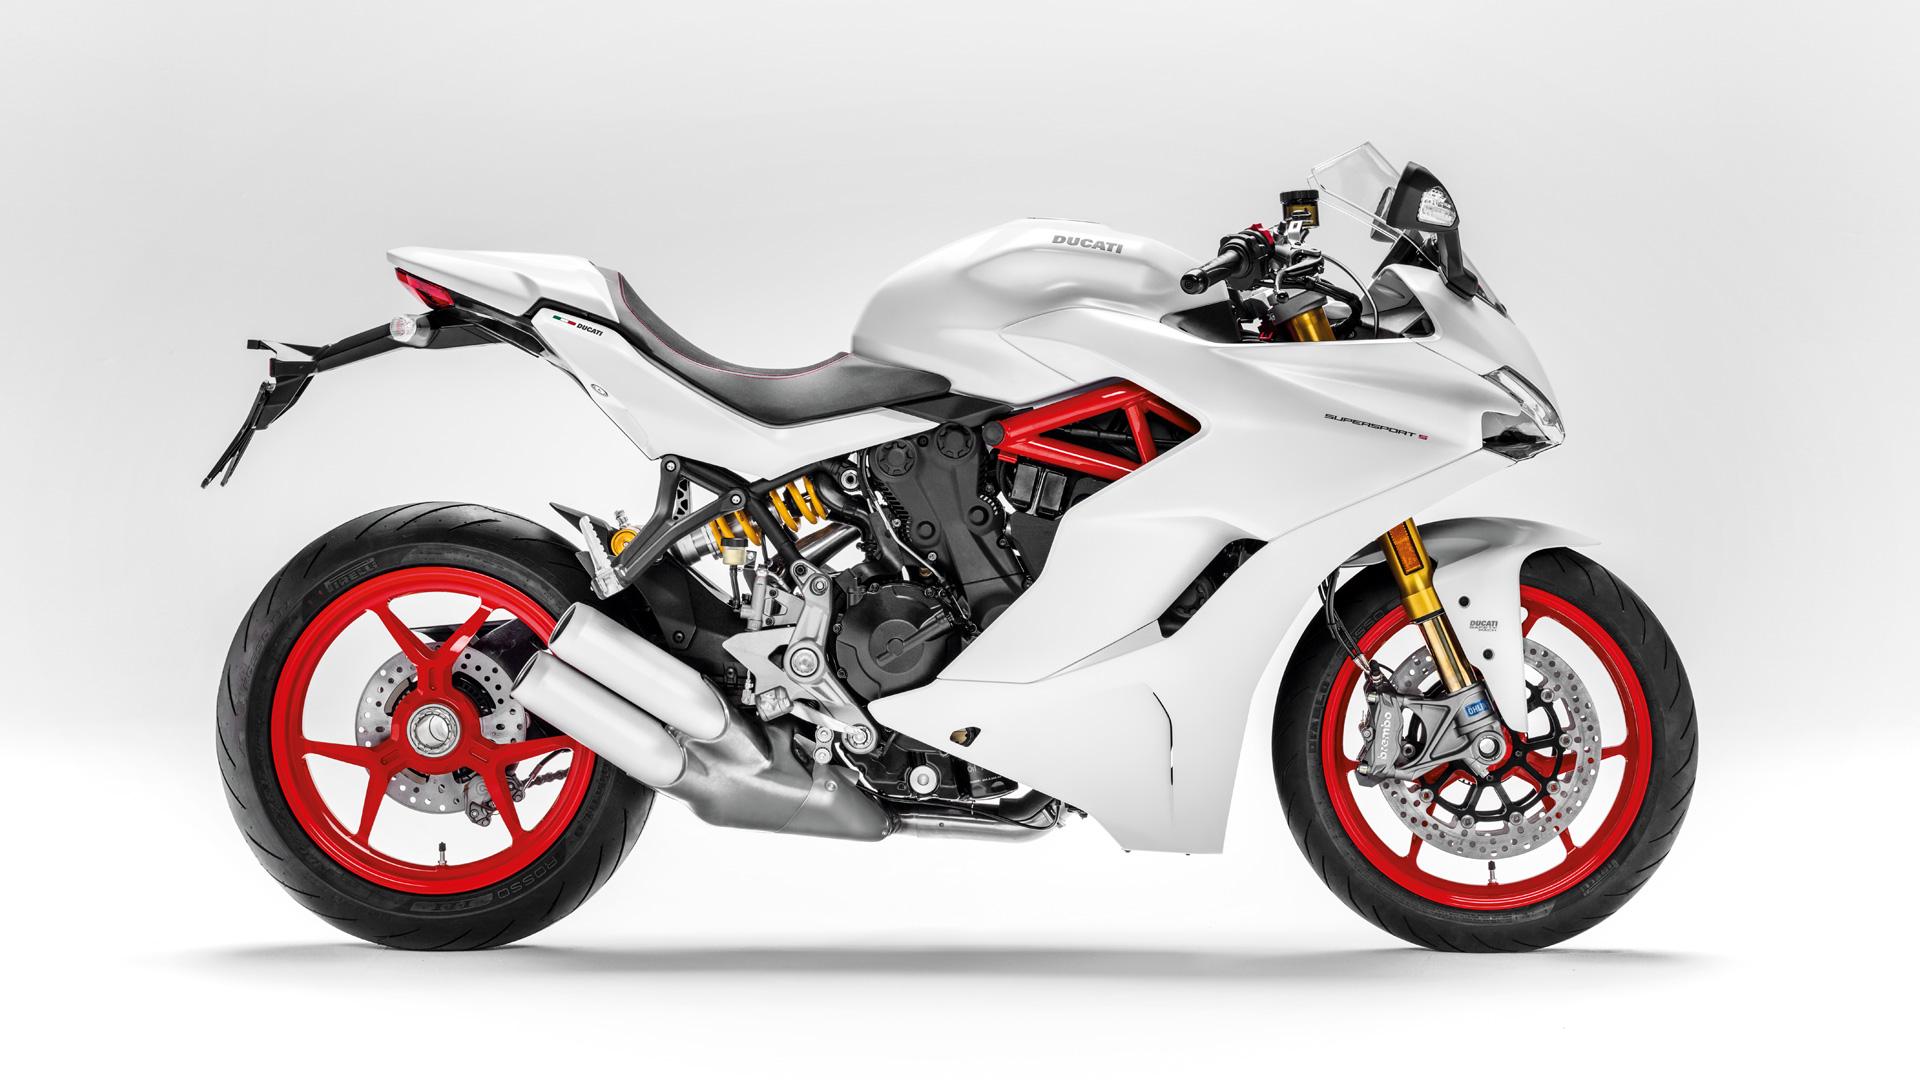 Ducati super sports